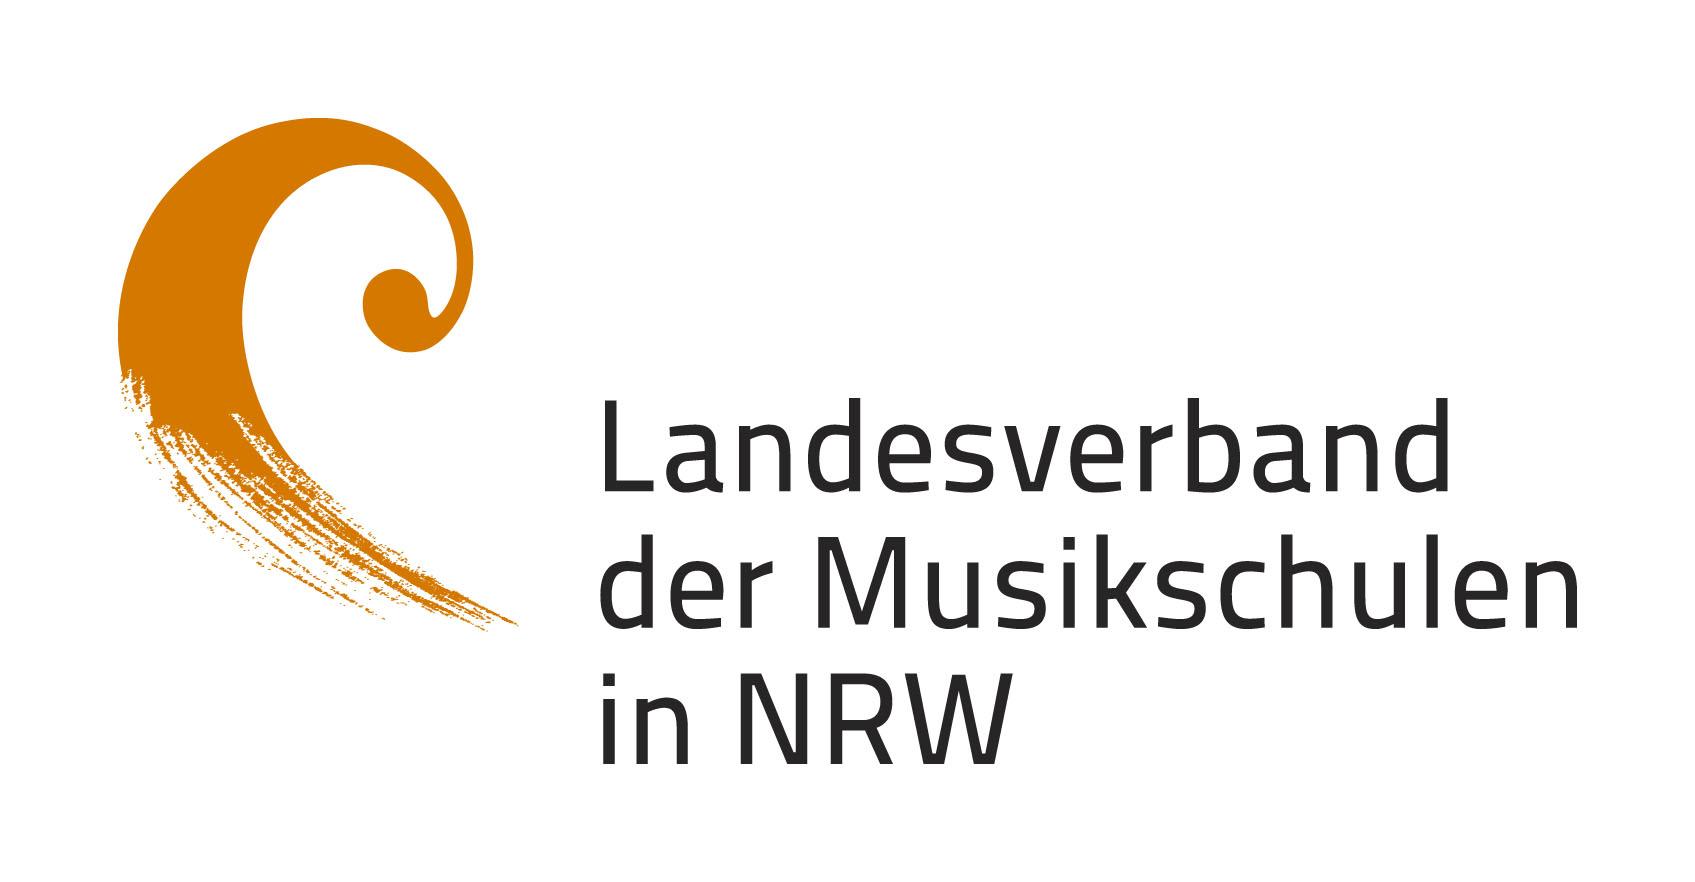 Landesverband der Musikschulen in NRW